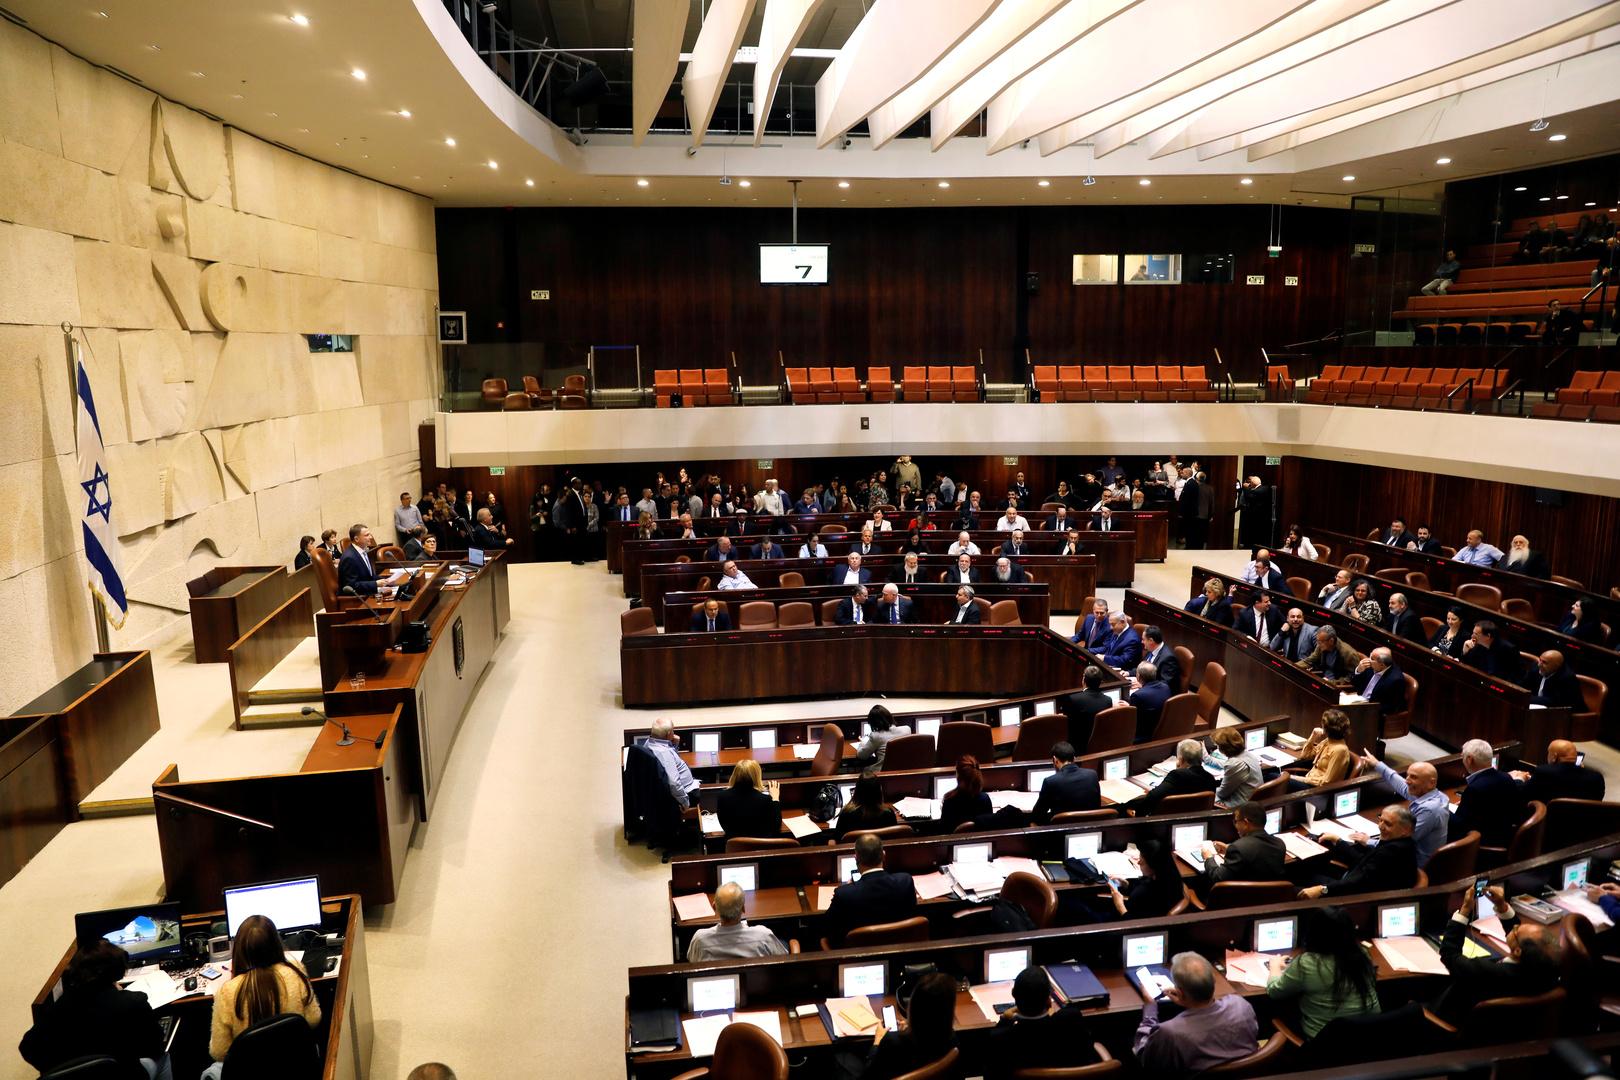 الكنيست الإسرائيلي يصوت بالقراءة التمهيدية على حل نفسه ويدعو لانتخابات مبكرة